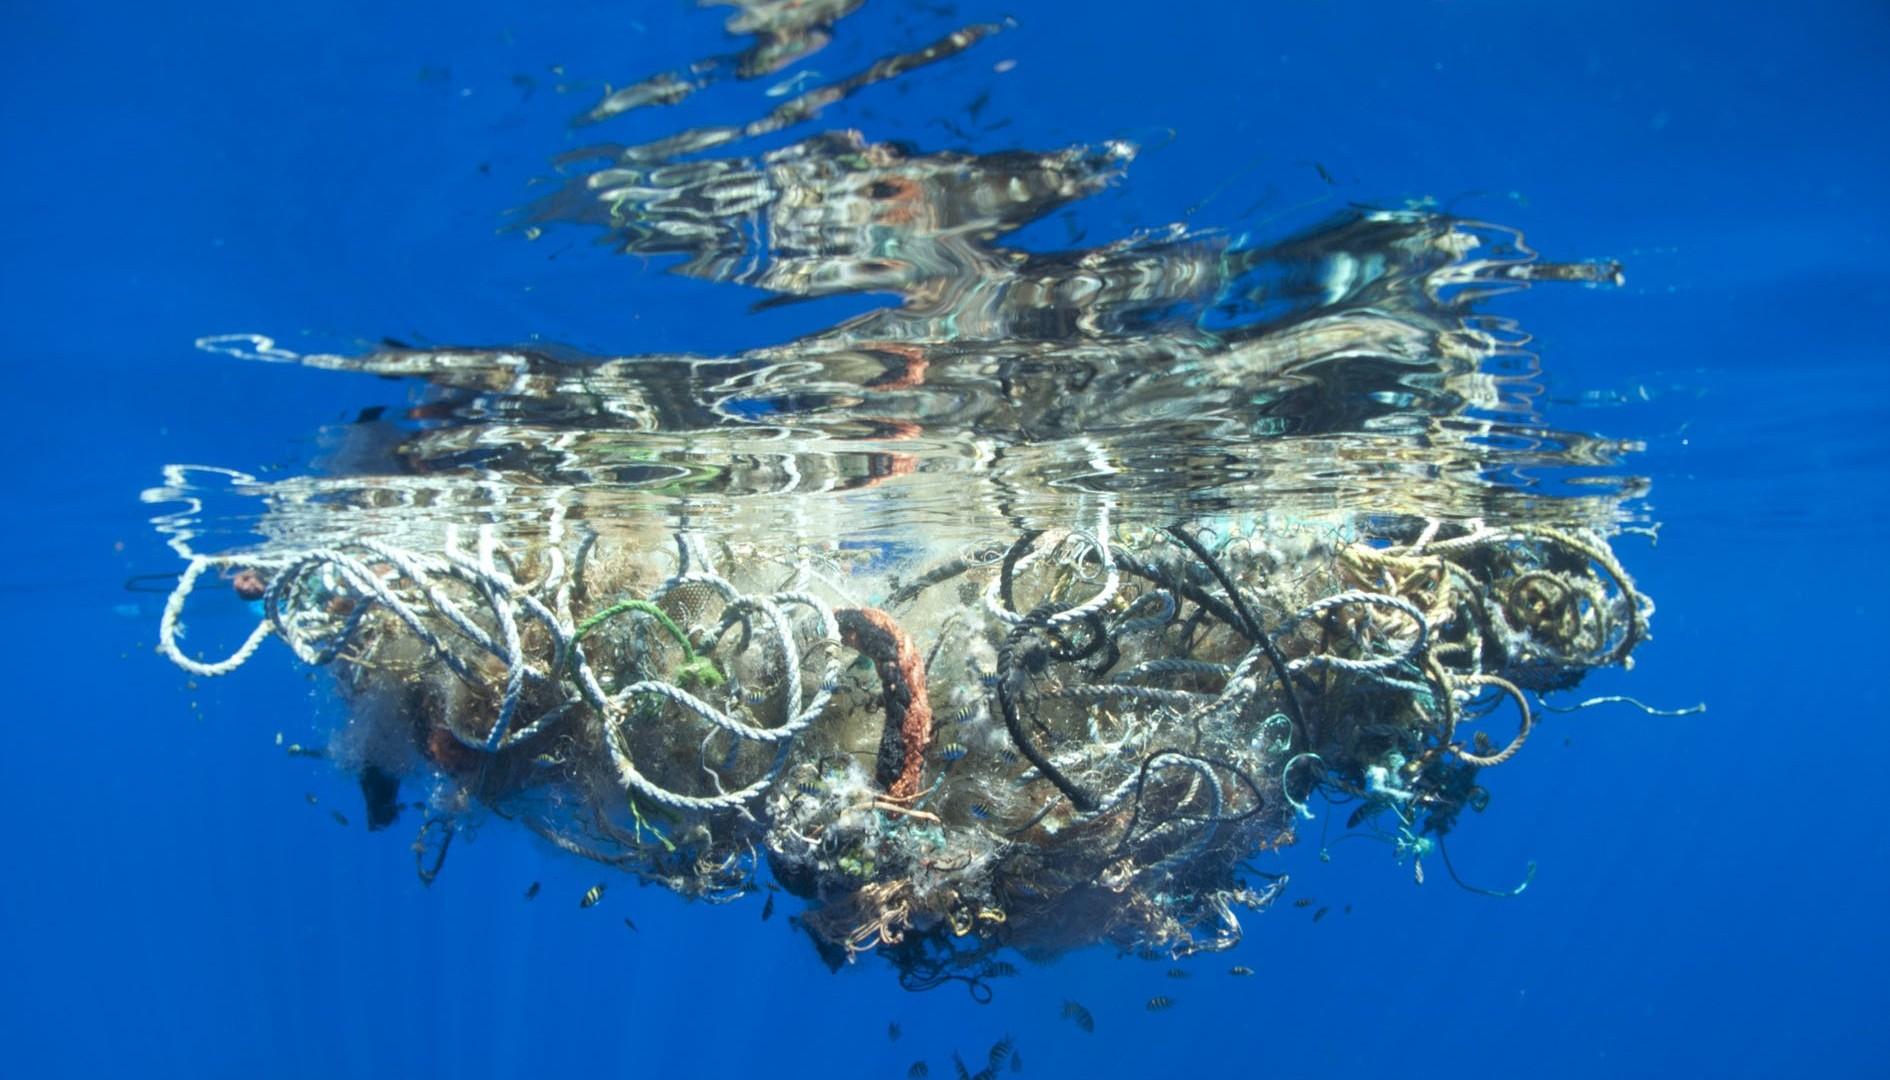 К 2050 году в океанах будет больше пластмассы, чем рыбы